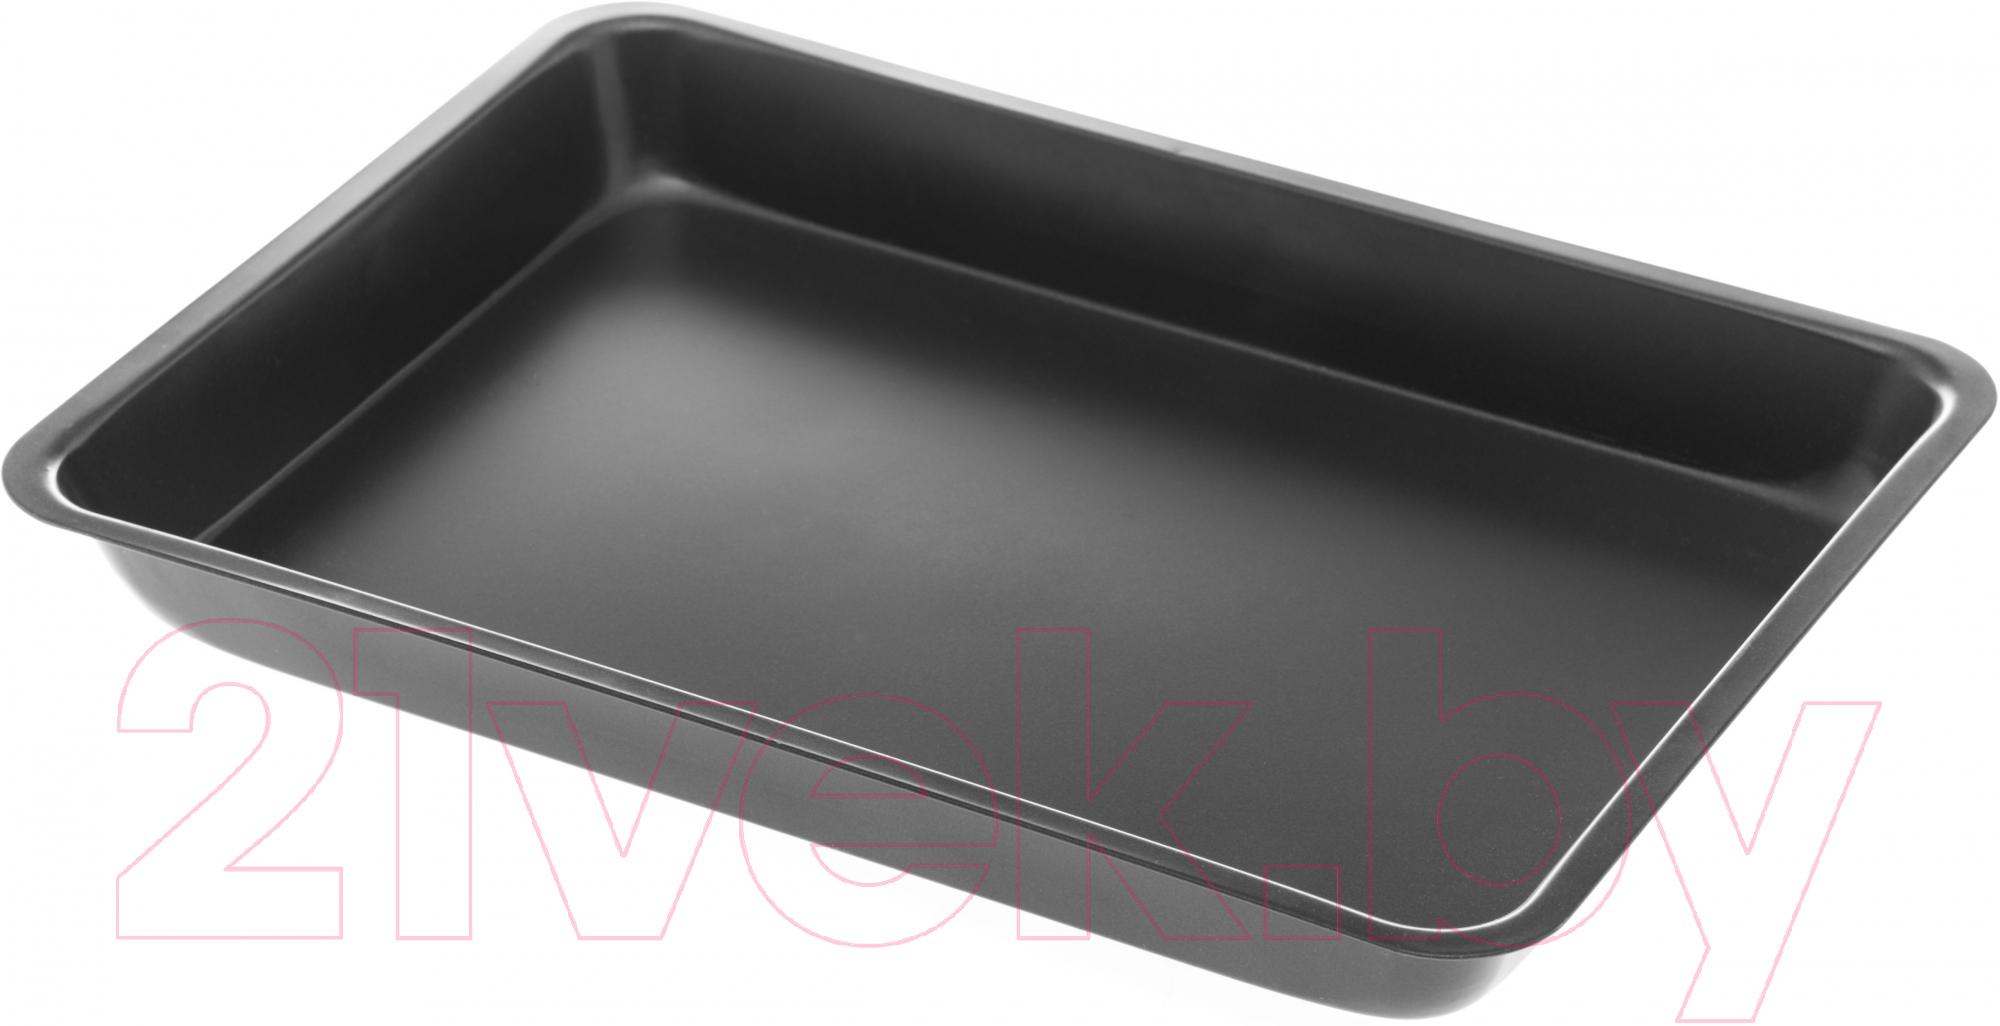 Купить Форма для запекания Maku Kitchen Life, 182528, Китай, углеродистая сталь